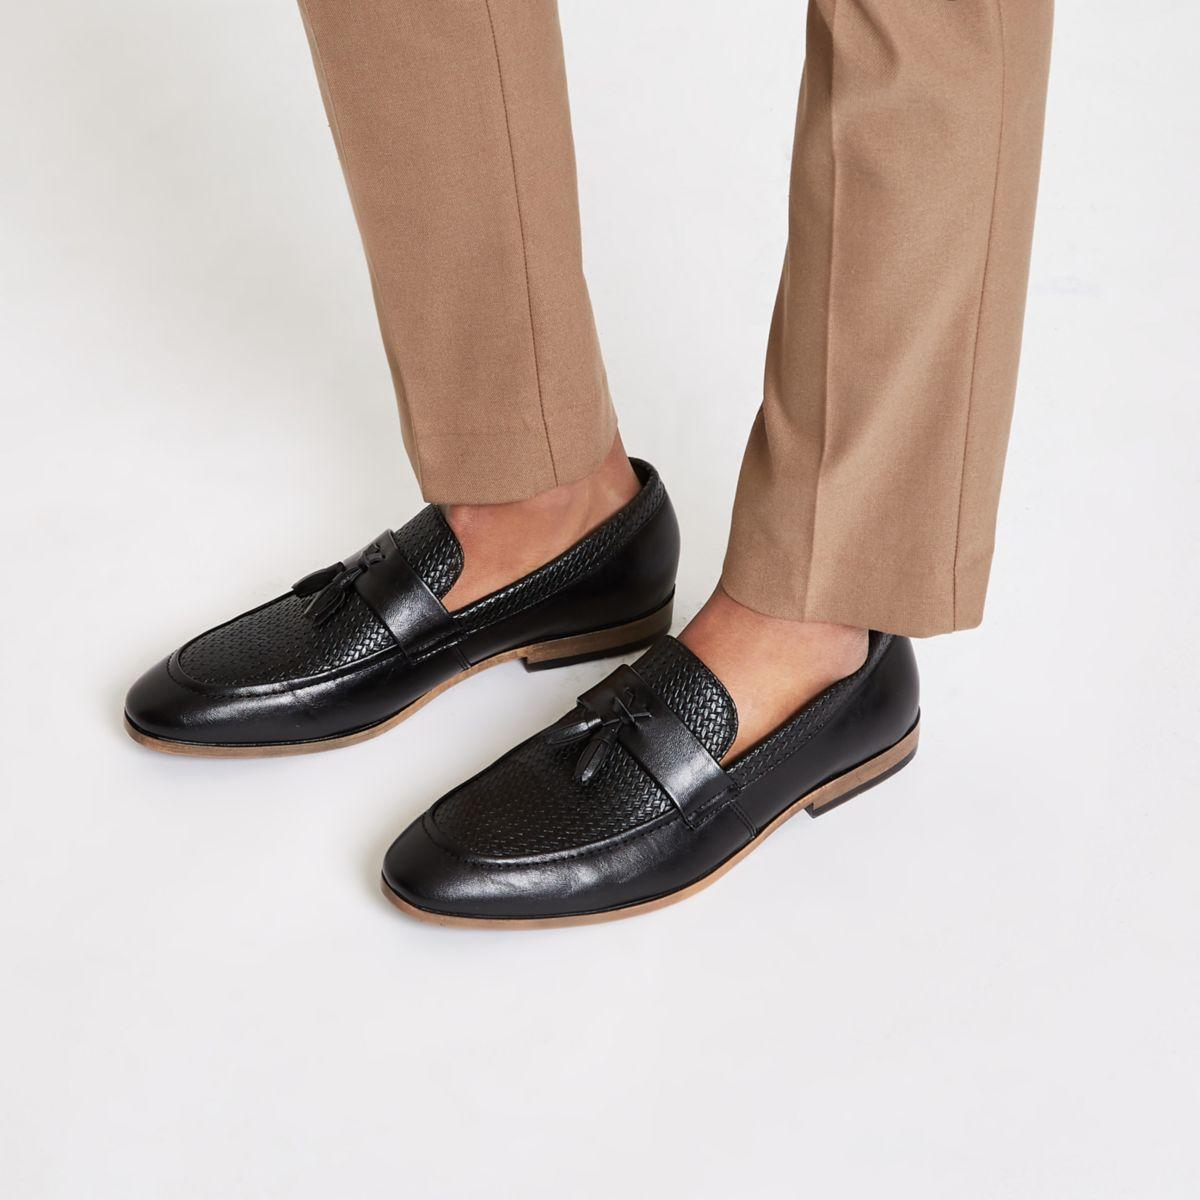 Zwarte gevlochten loafers met kwastjes